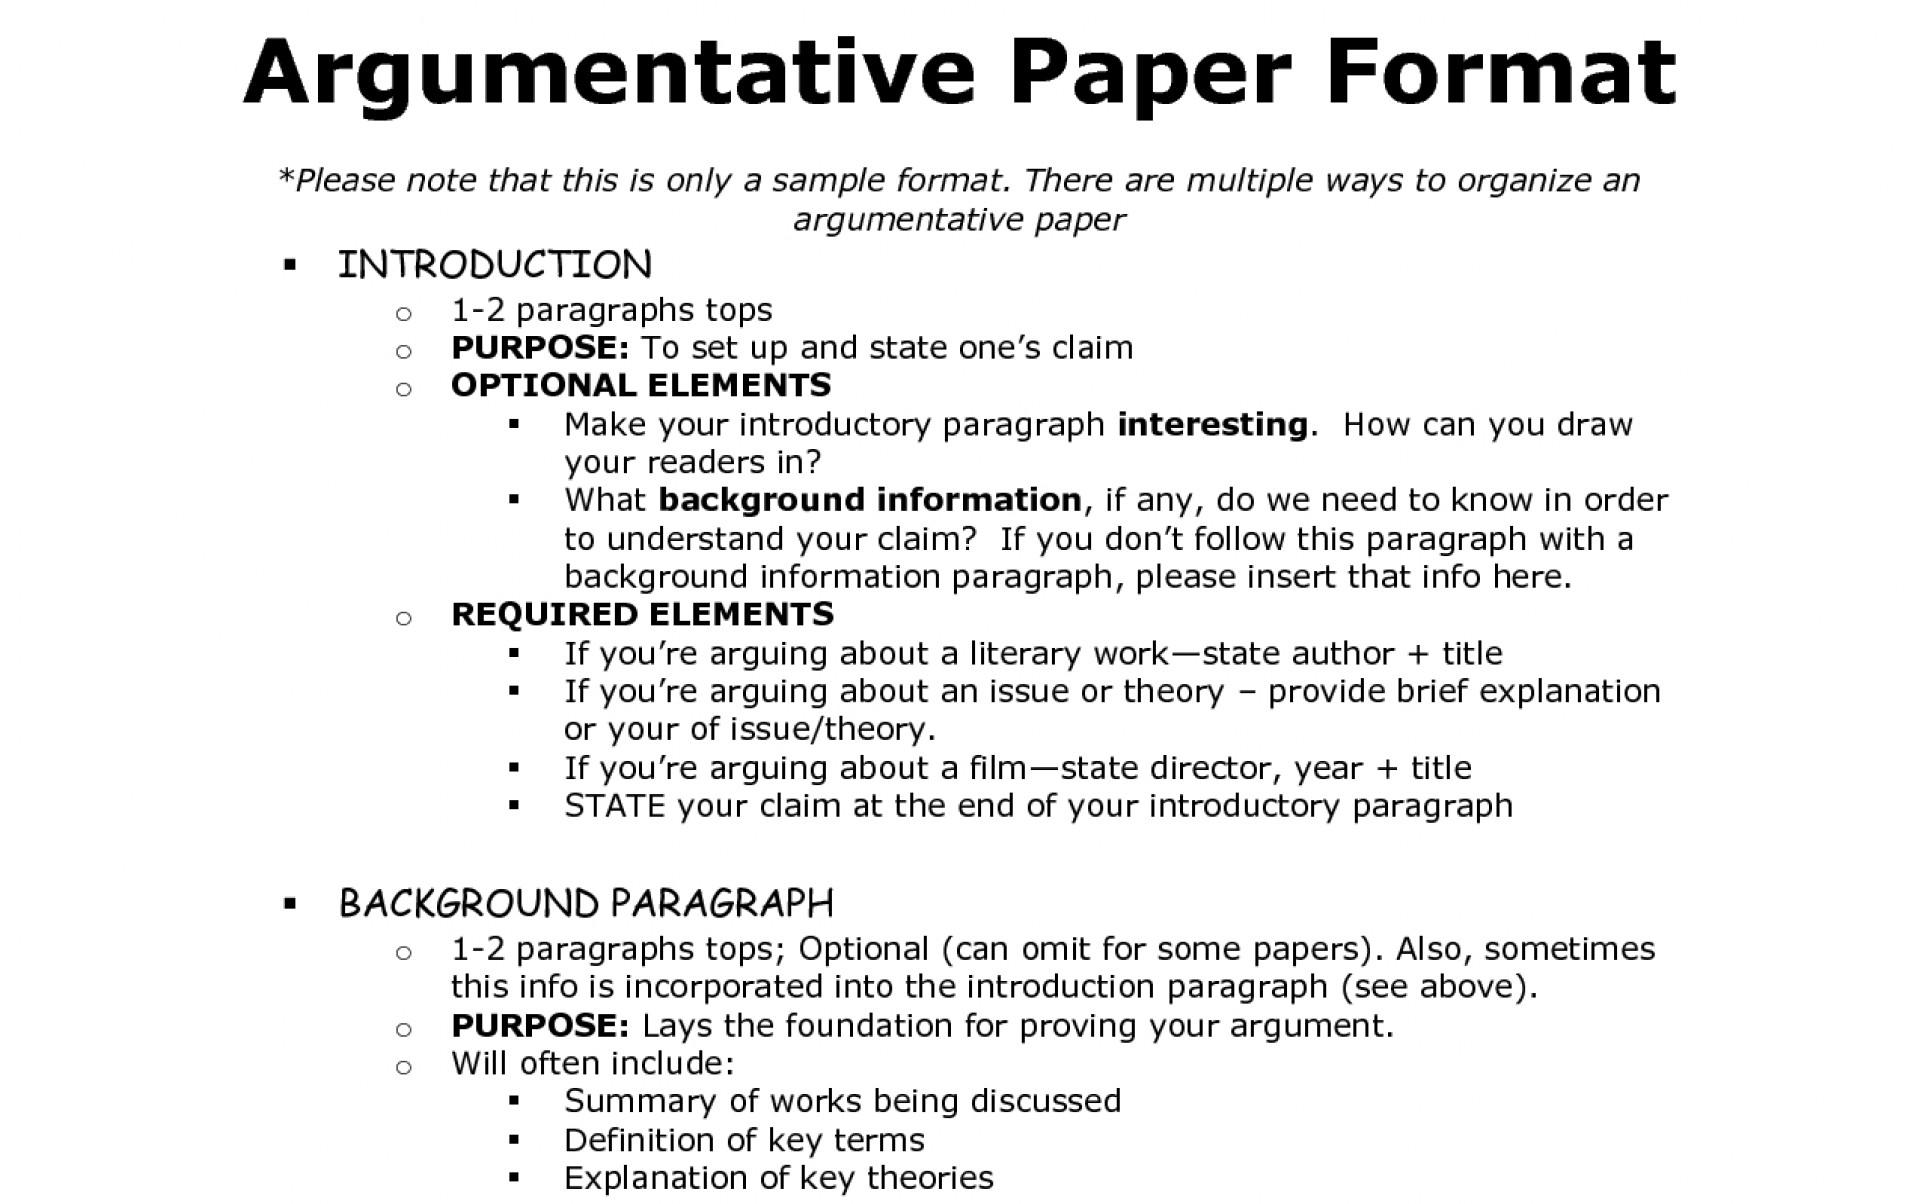 011 Persuasive Essay Definition Example Argumentative